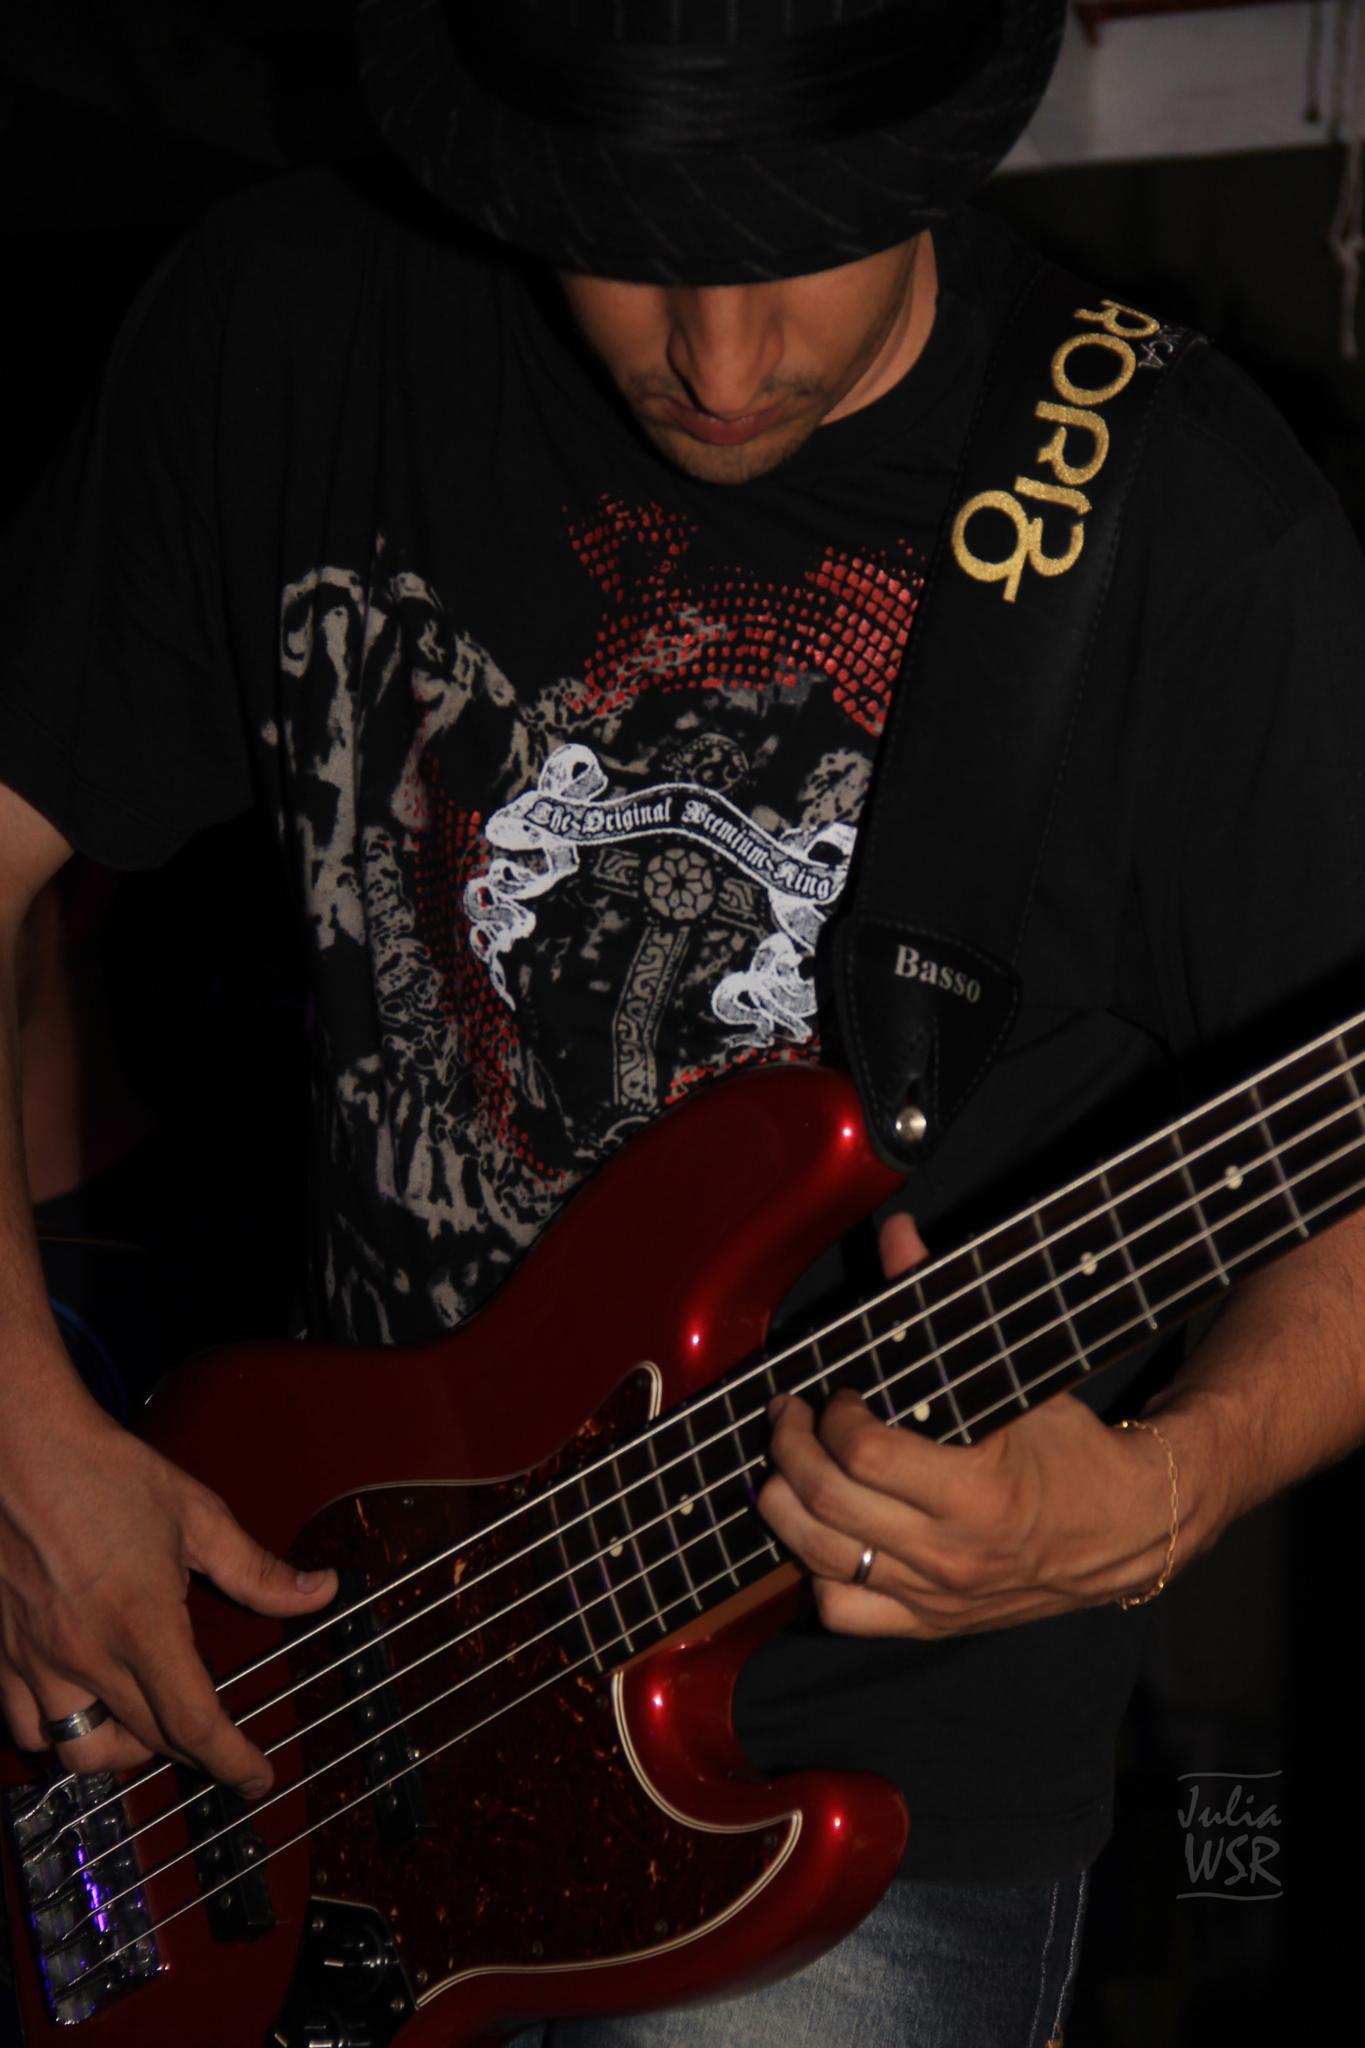 bass man by JuliaWSR